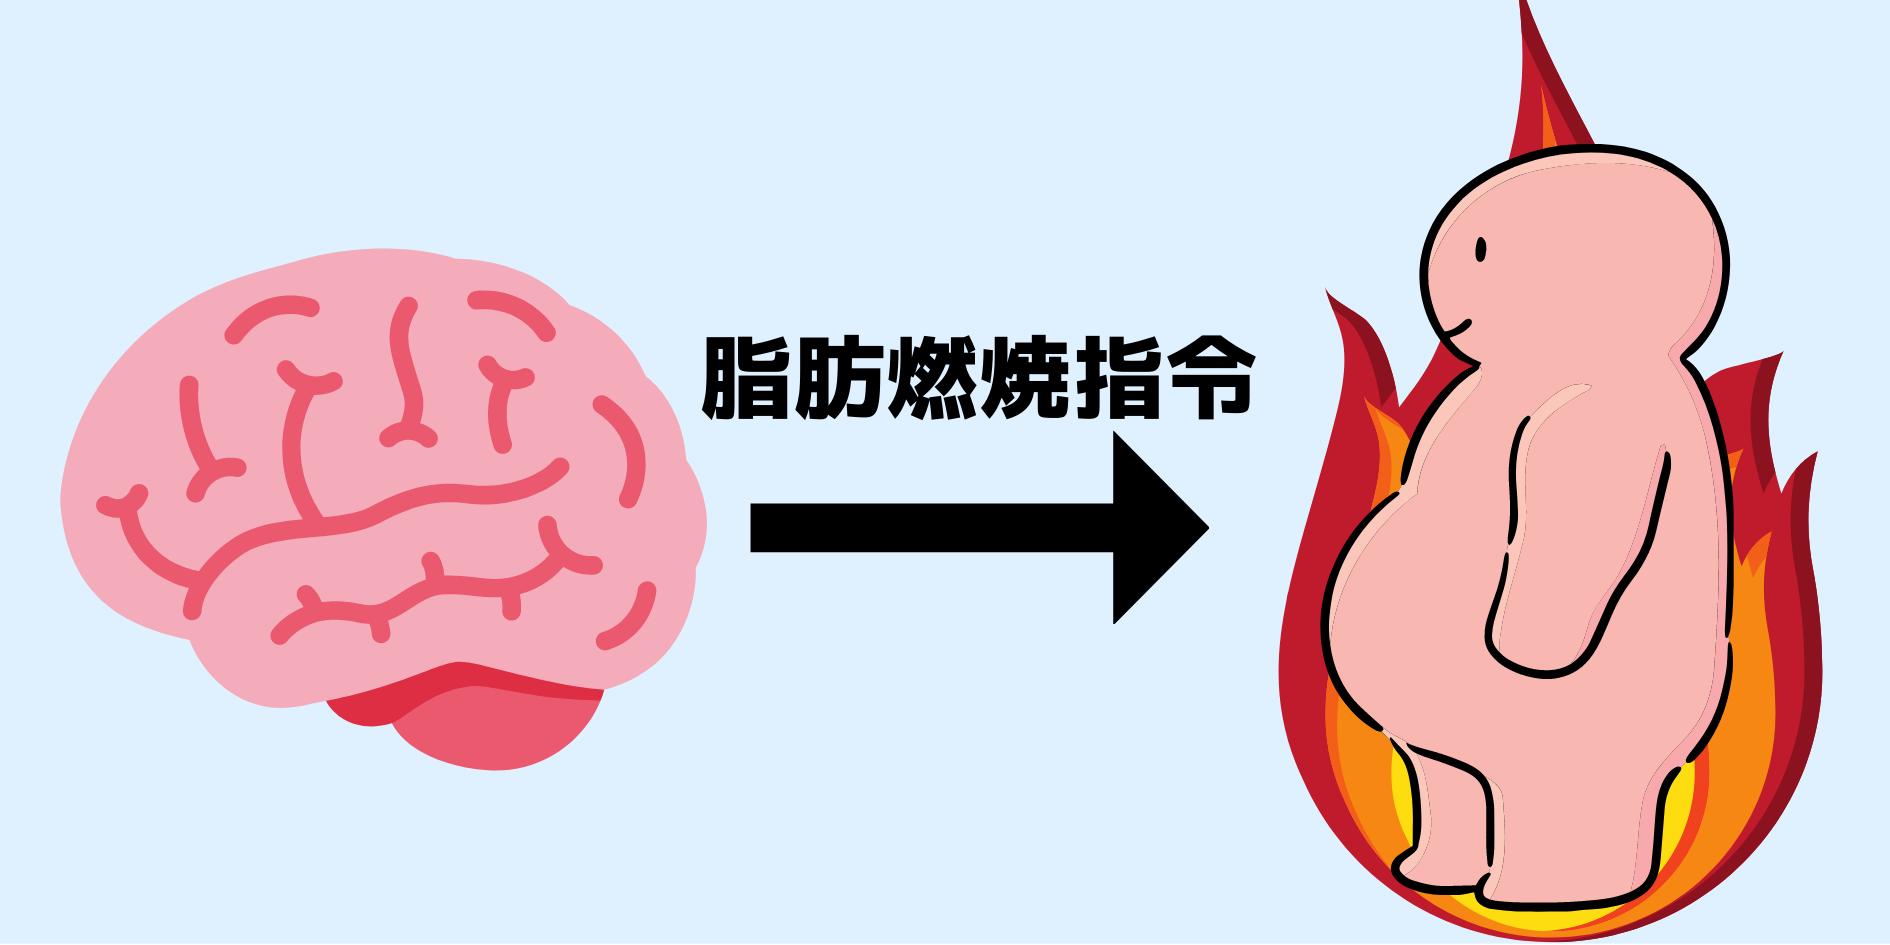 脳と内臓脂肪の間に神経接続があると判明! 内臓脂肪は脳の命令で燃焼していた